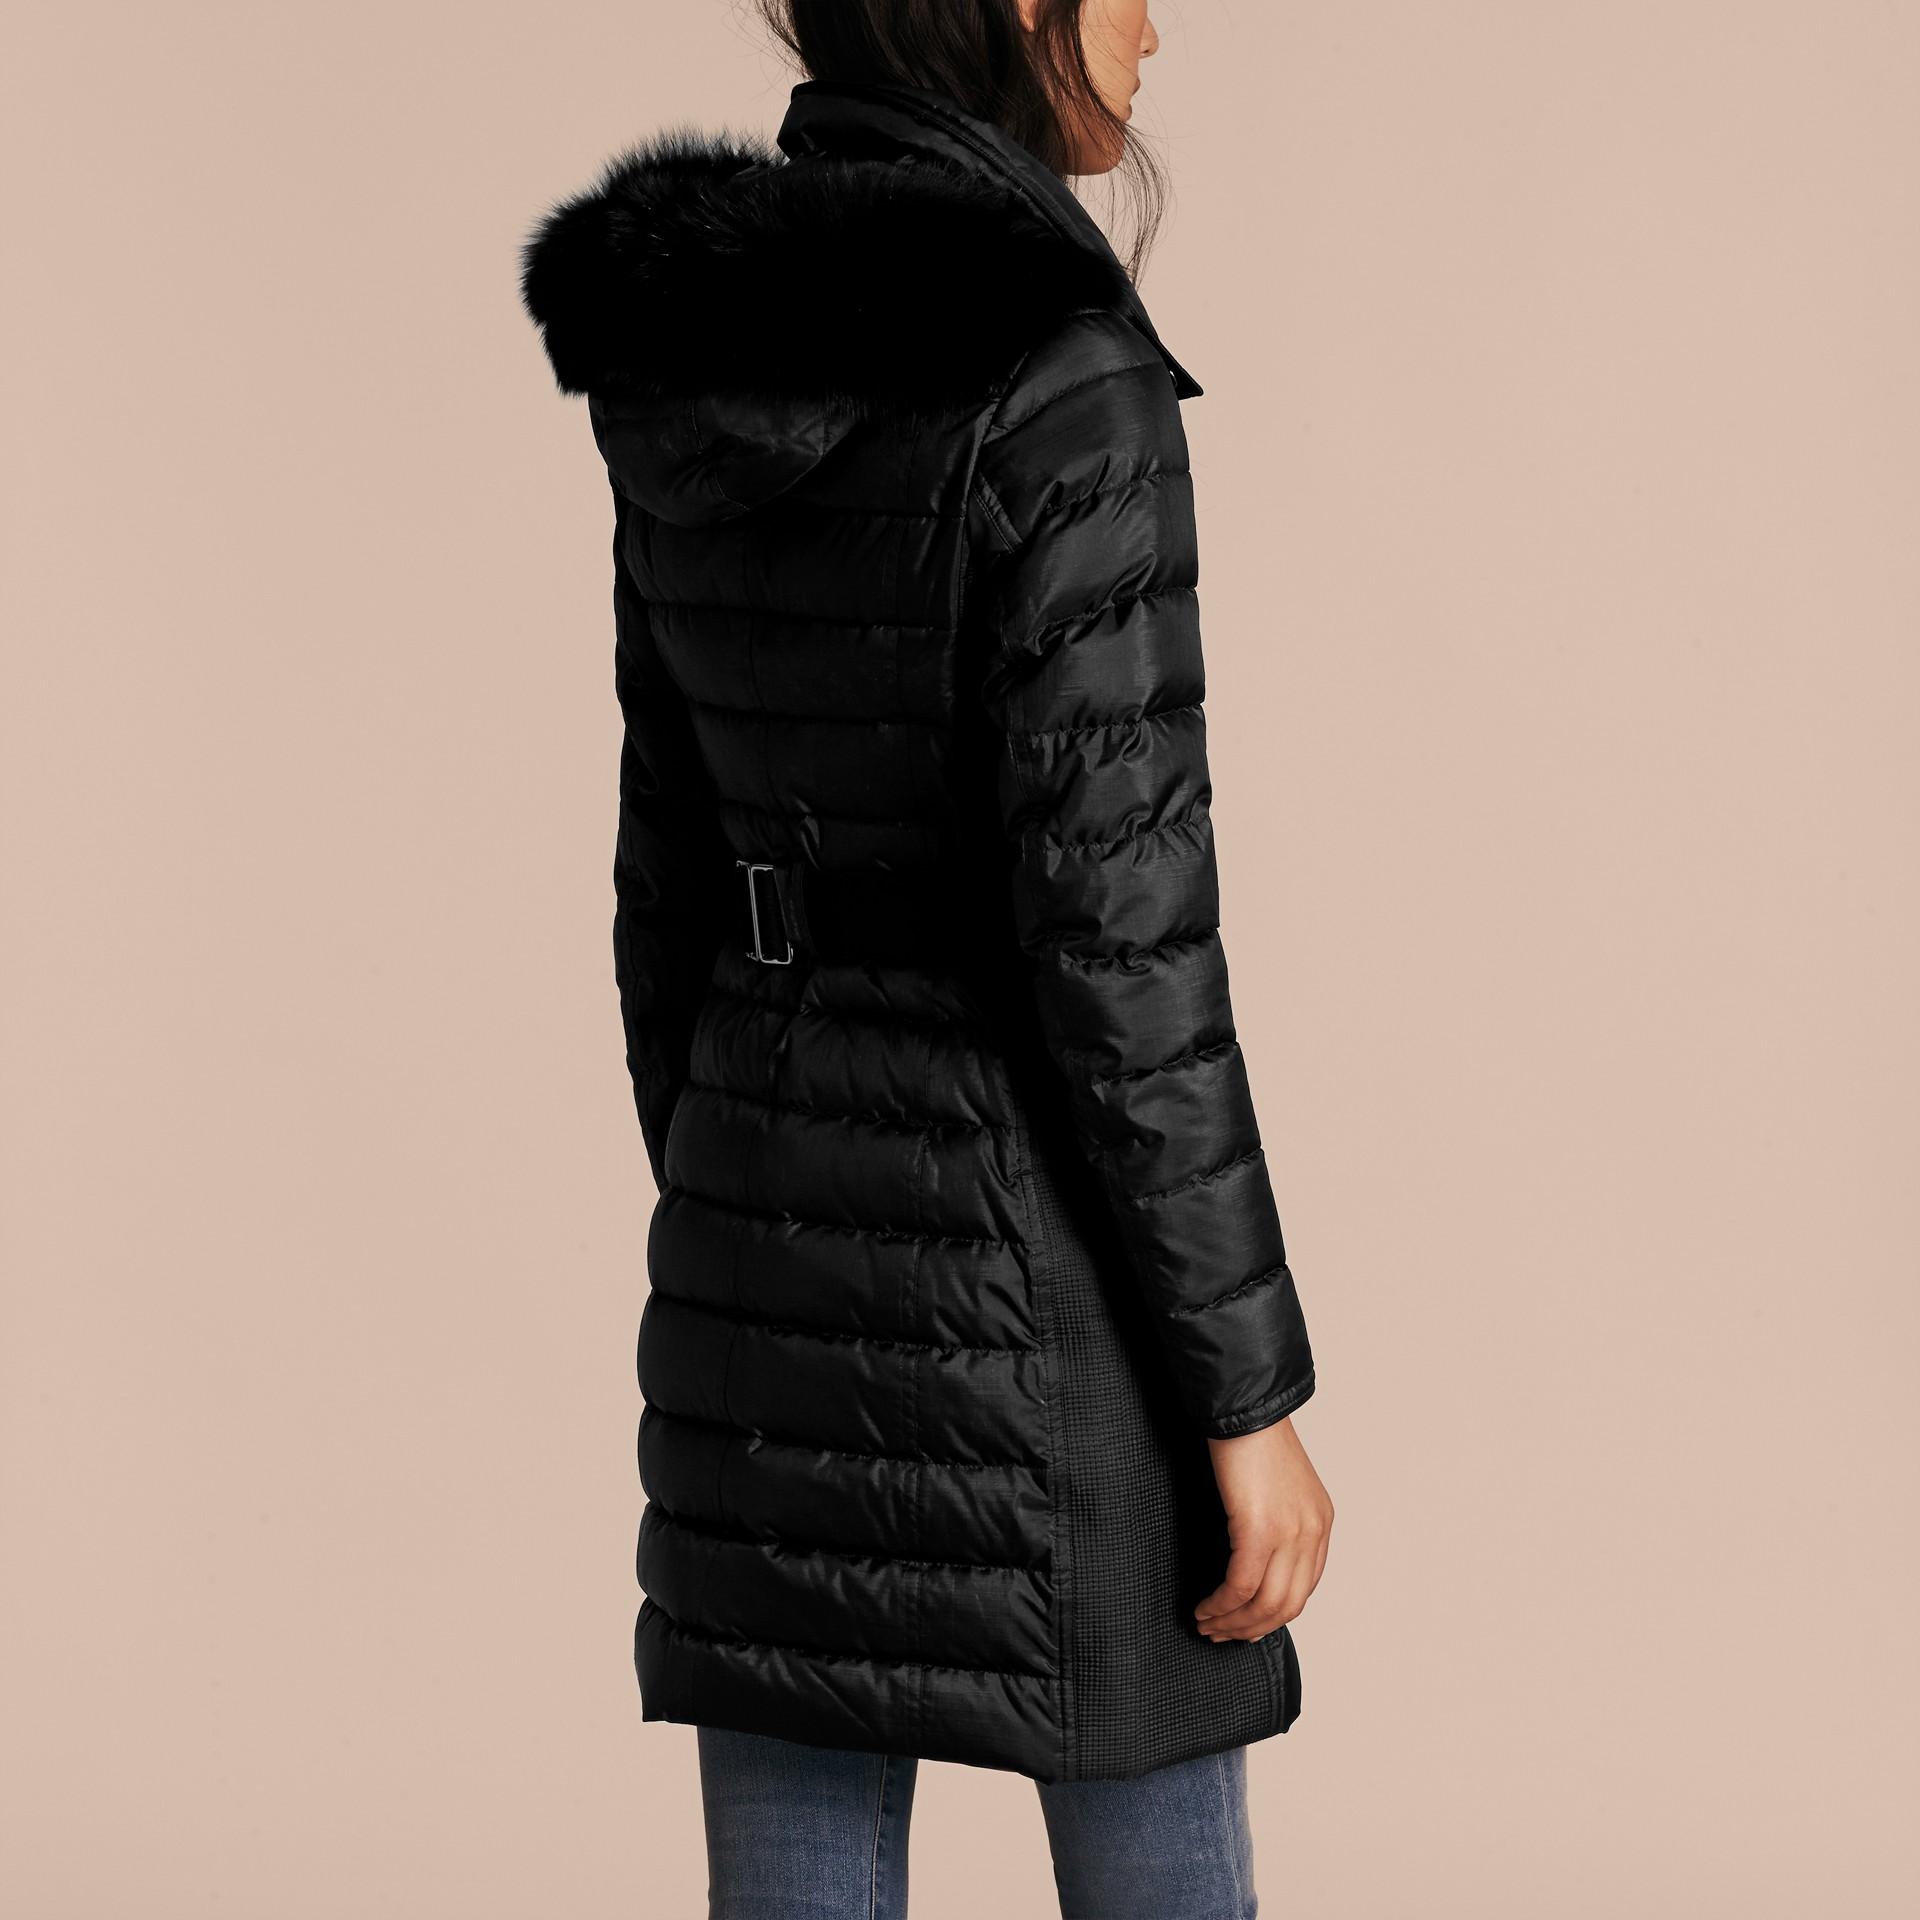 Черный Пуховое пальто с меховой опушкой Черный - изображение 3